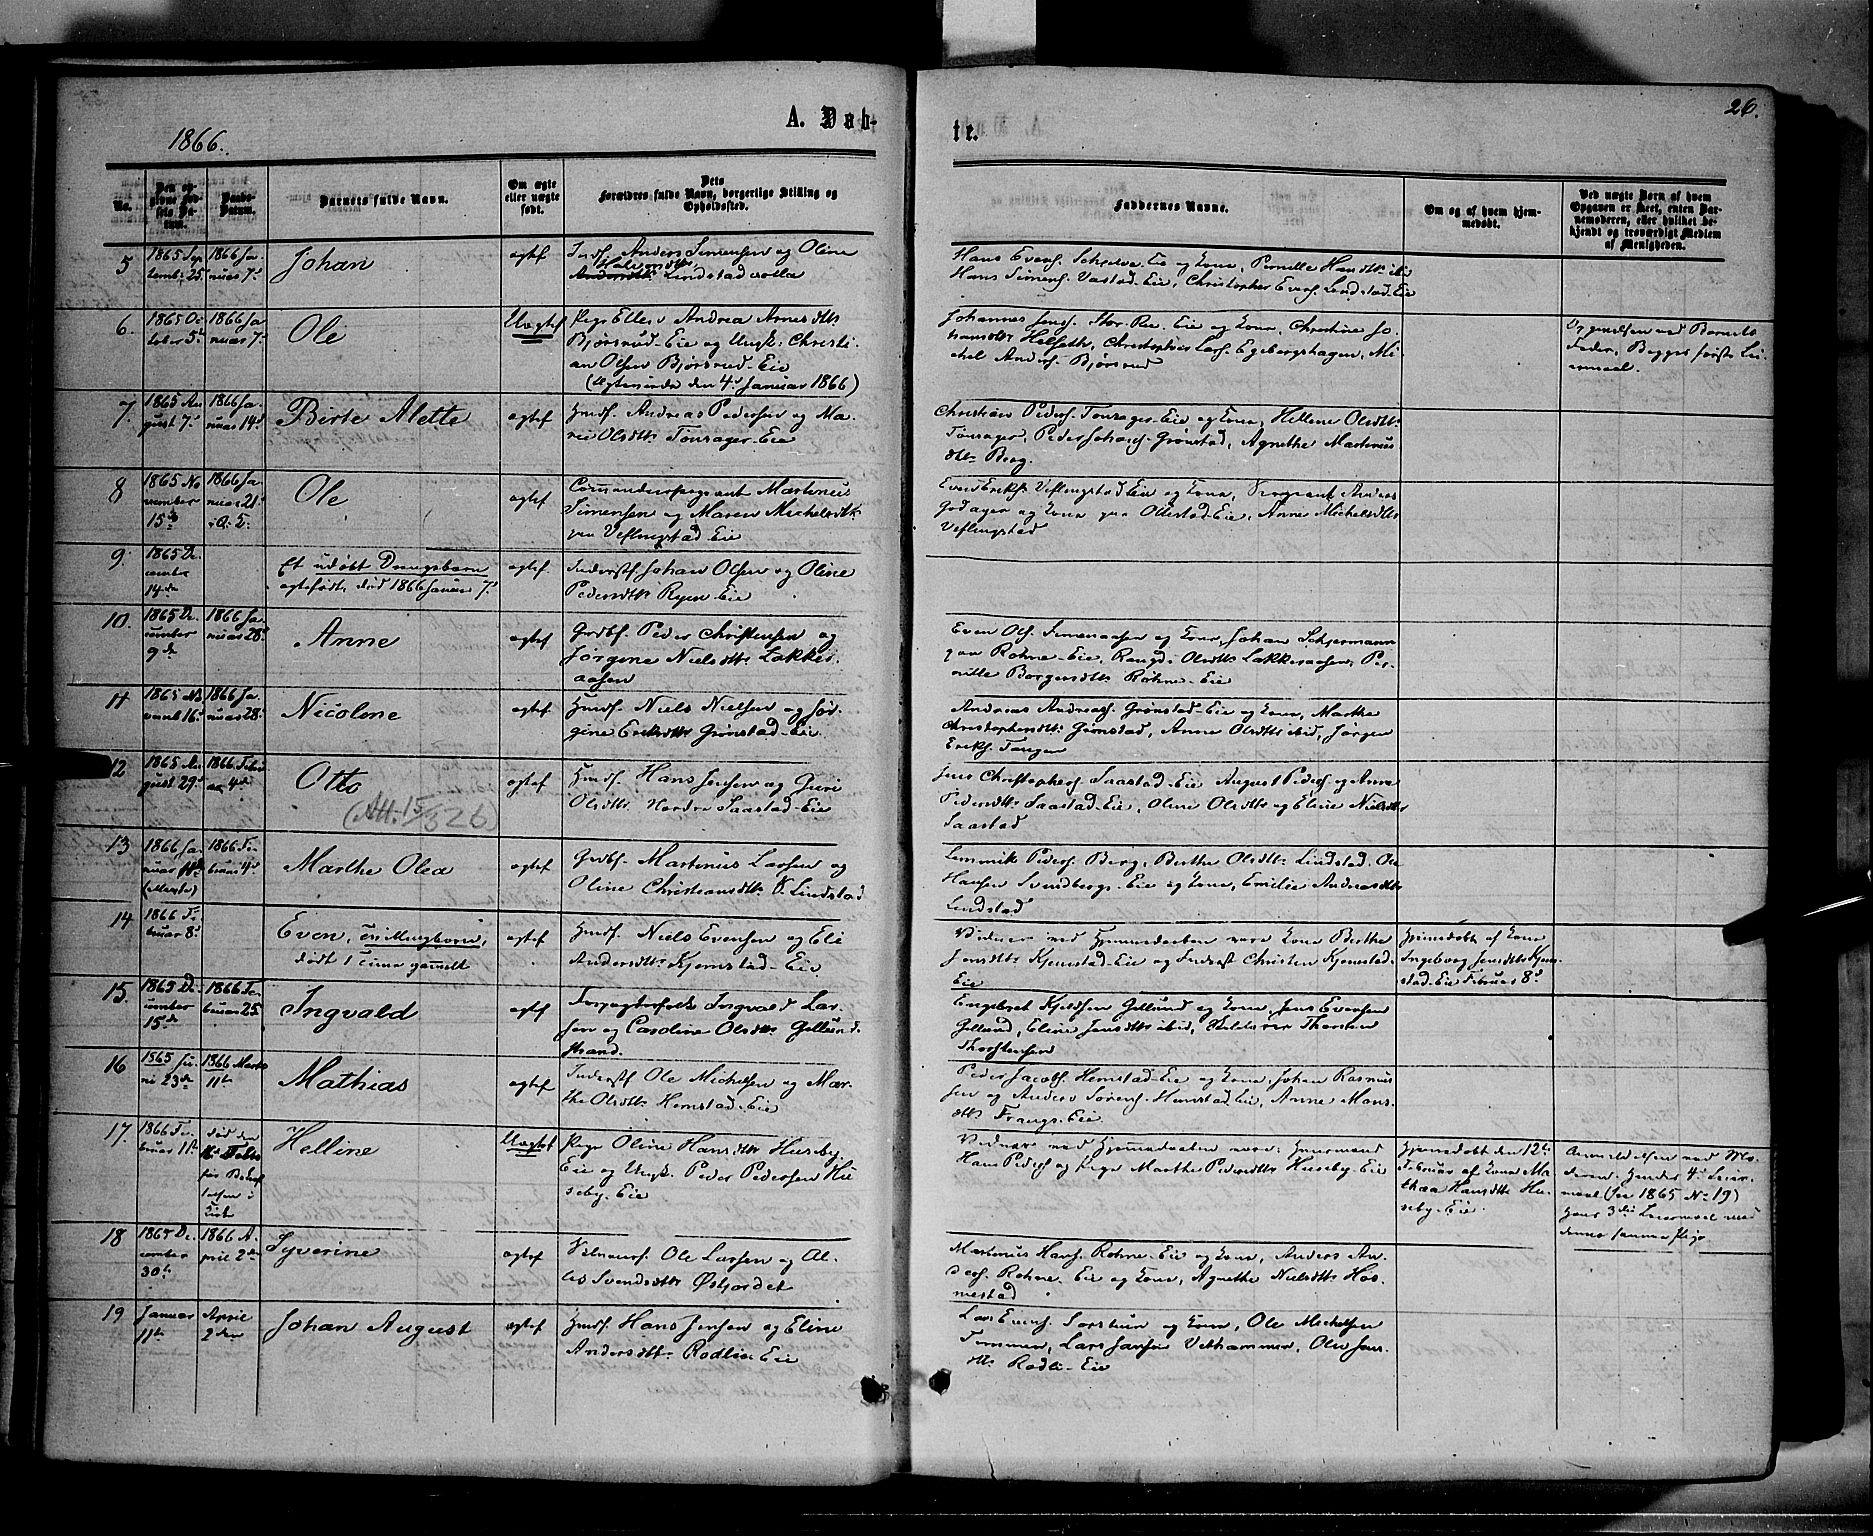 SAH, Stange prestekontor, K/L0013: Parish register (official) no. 13, 1862-1879, p. 26